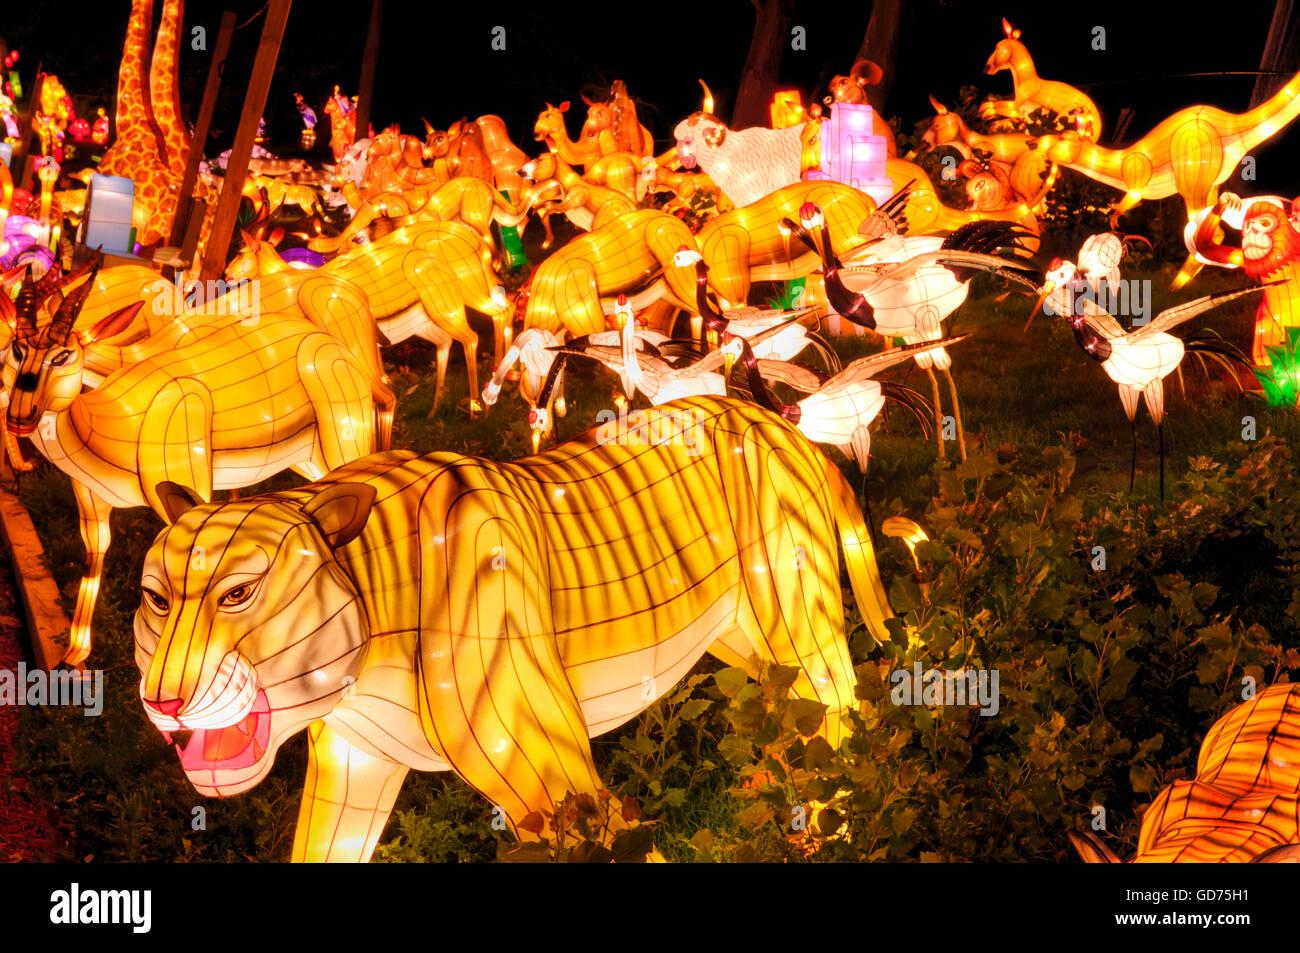 Gruppe von verschiedenen Tieren, Beleuchtung an das chinesische Laternenfest in der Nacht, Ontario Place, Toronto, Stockbild